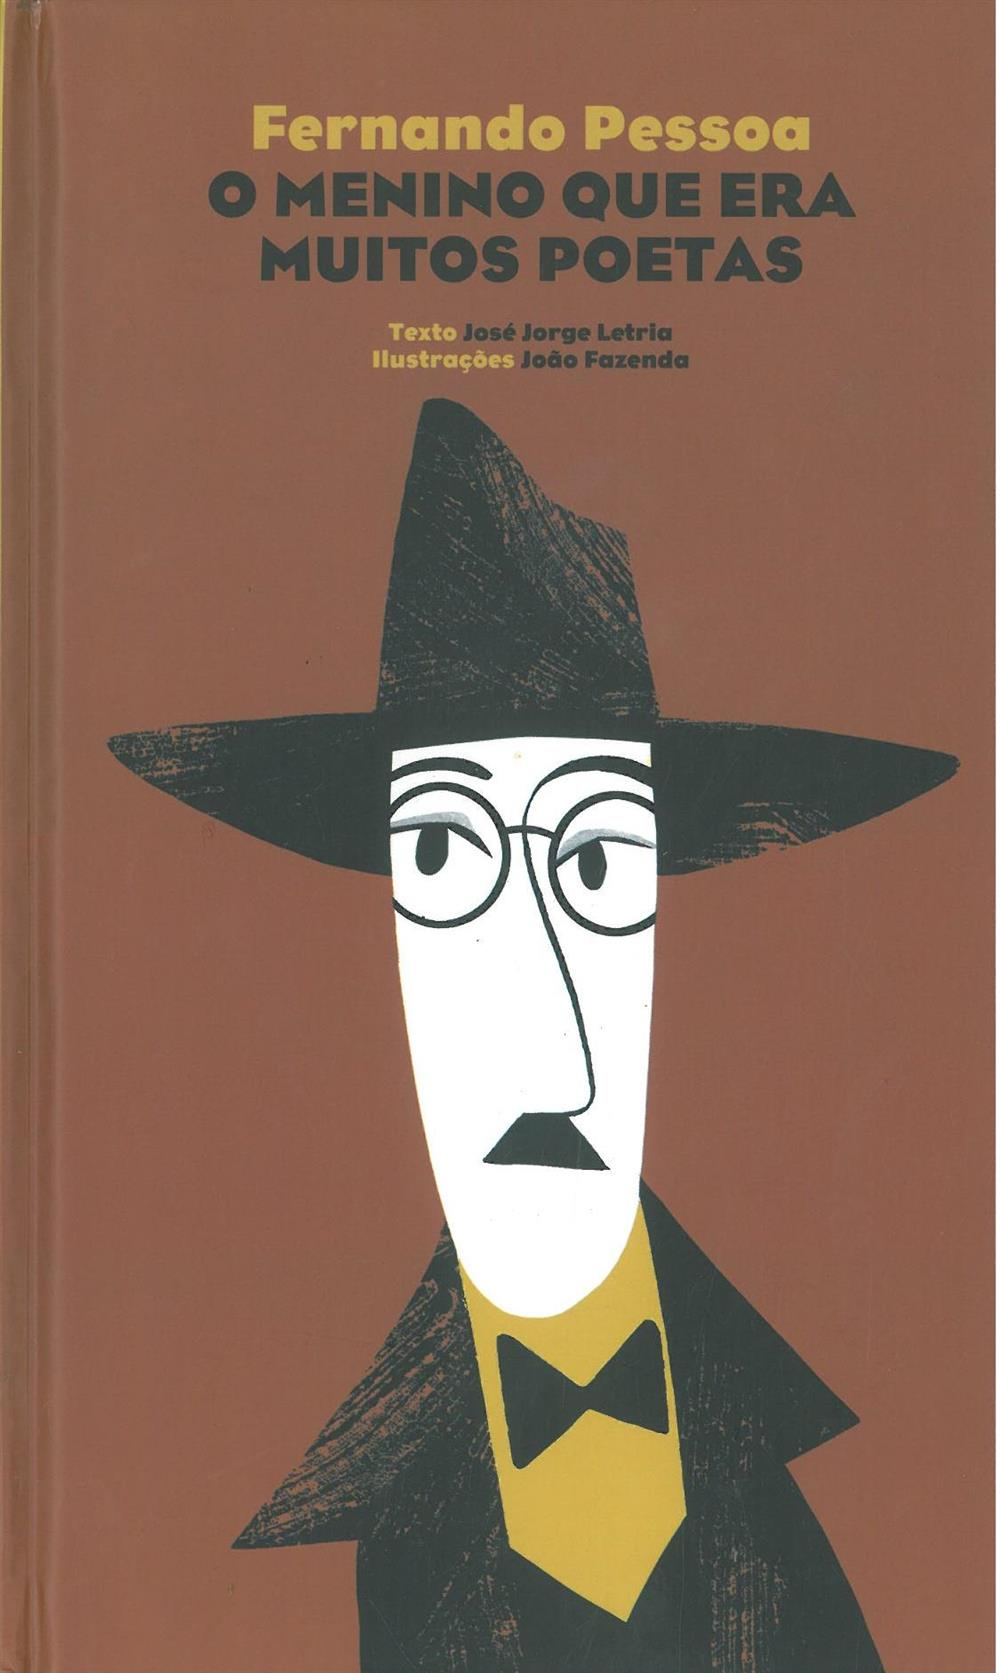 Fernando Pessoa.jpg